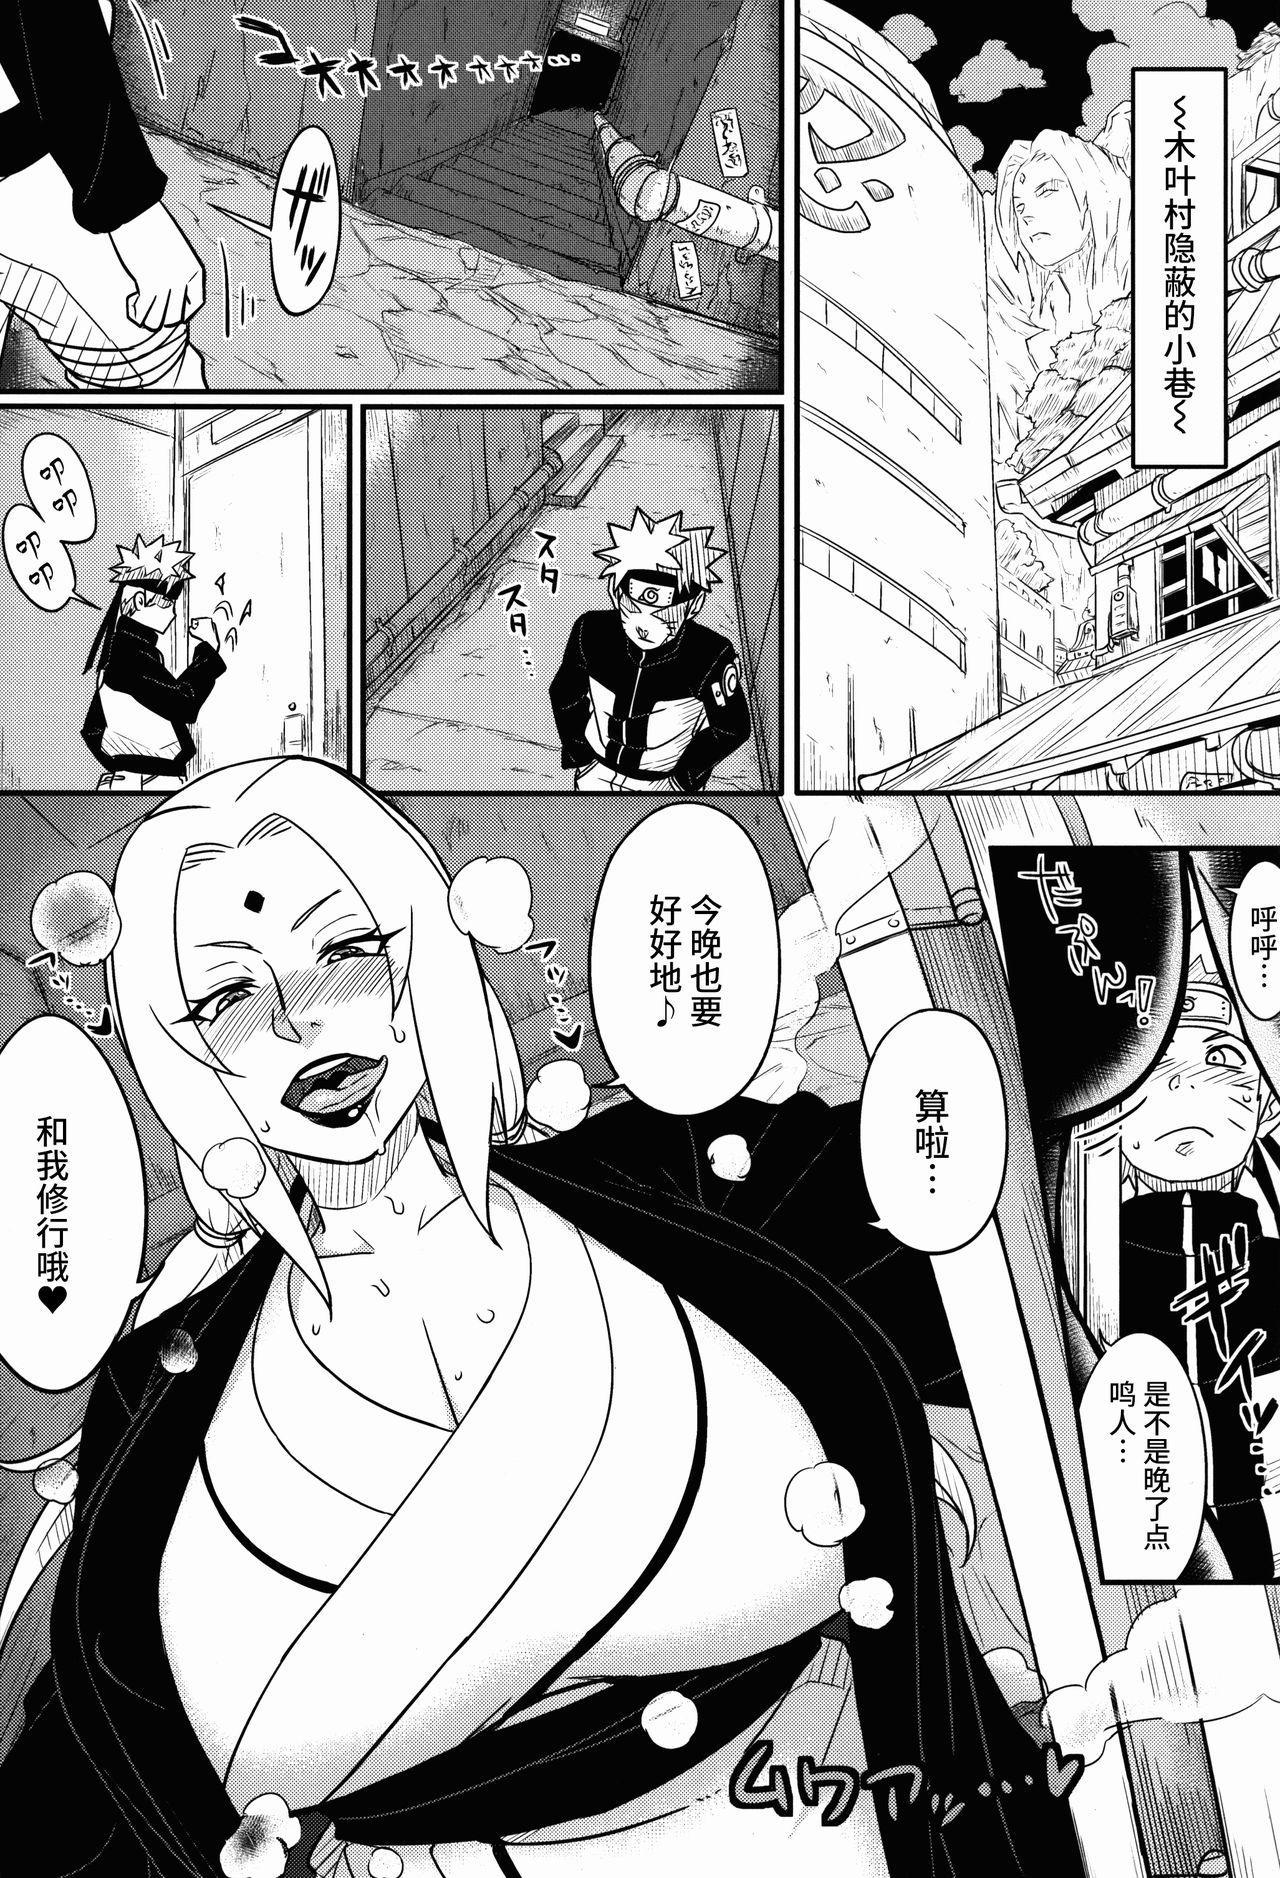 Jukumitsuki Intouden Maki no Ichi 1